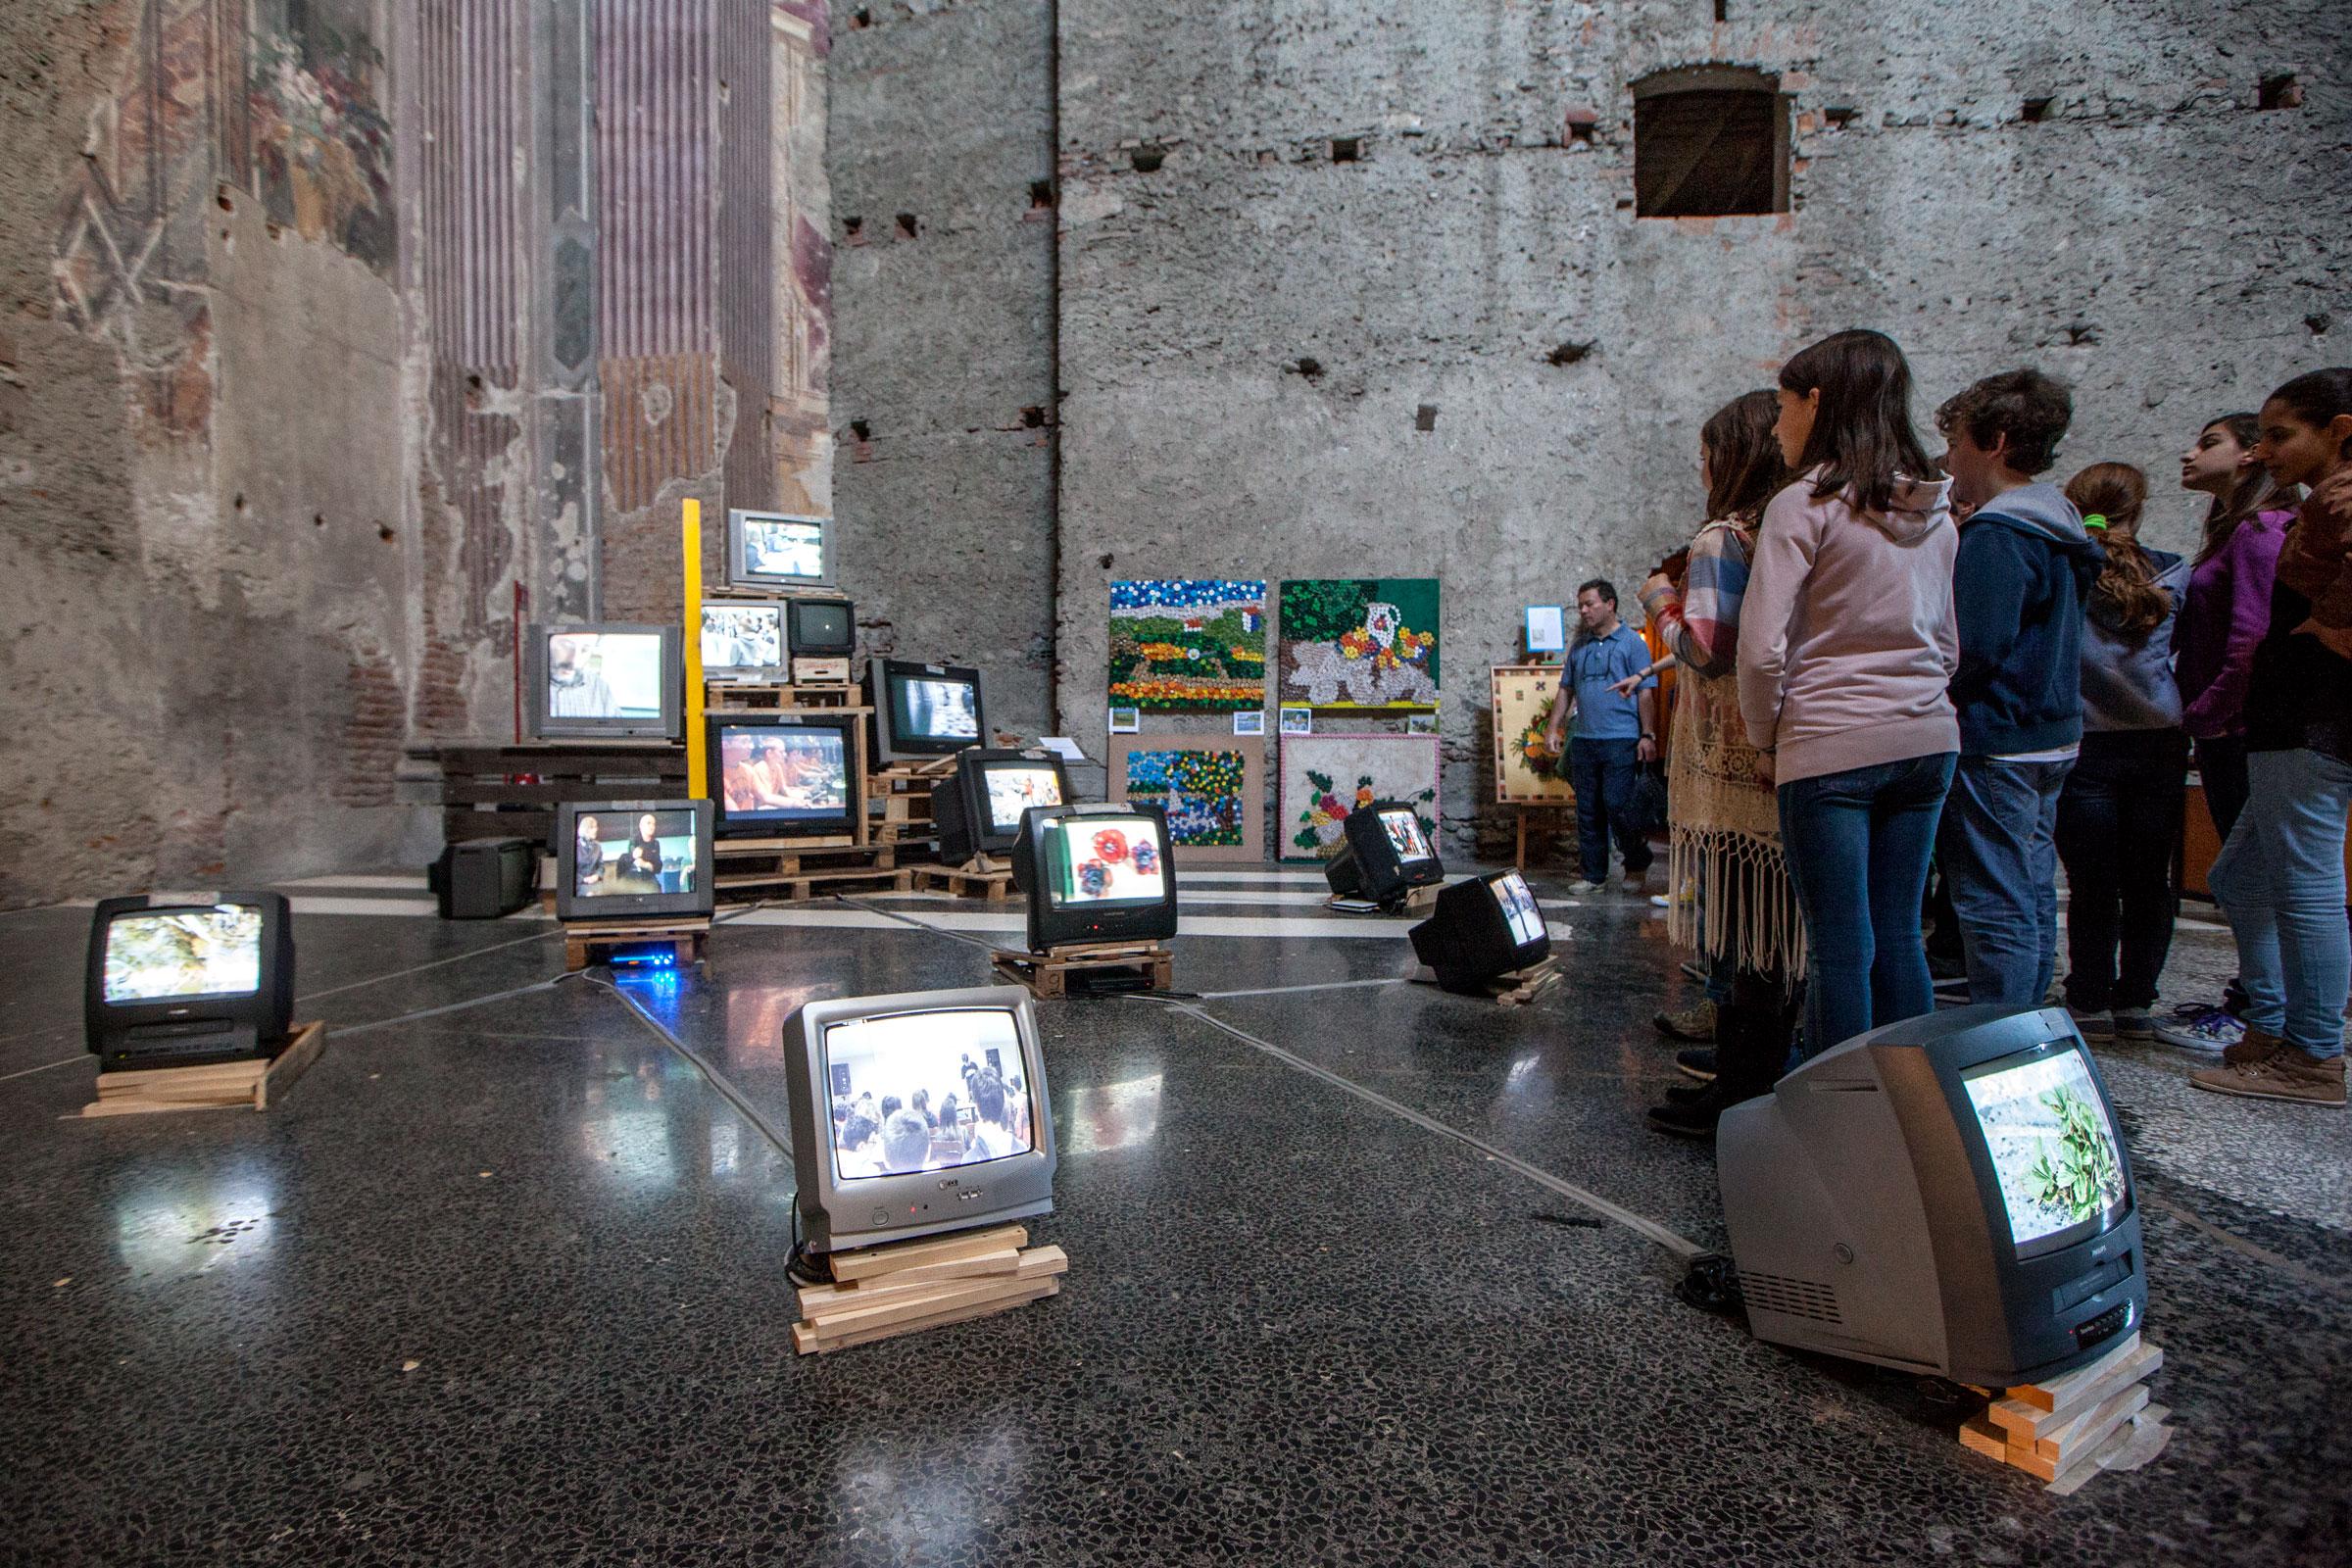 mostra interattiva educativa expo 2015